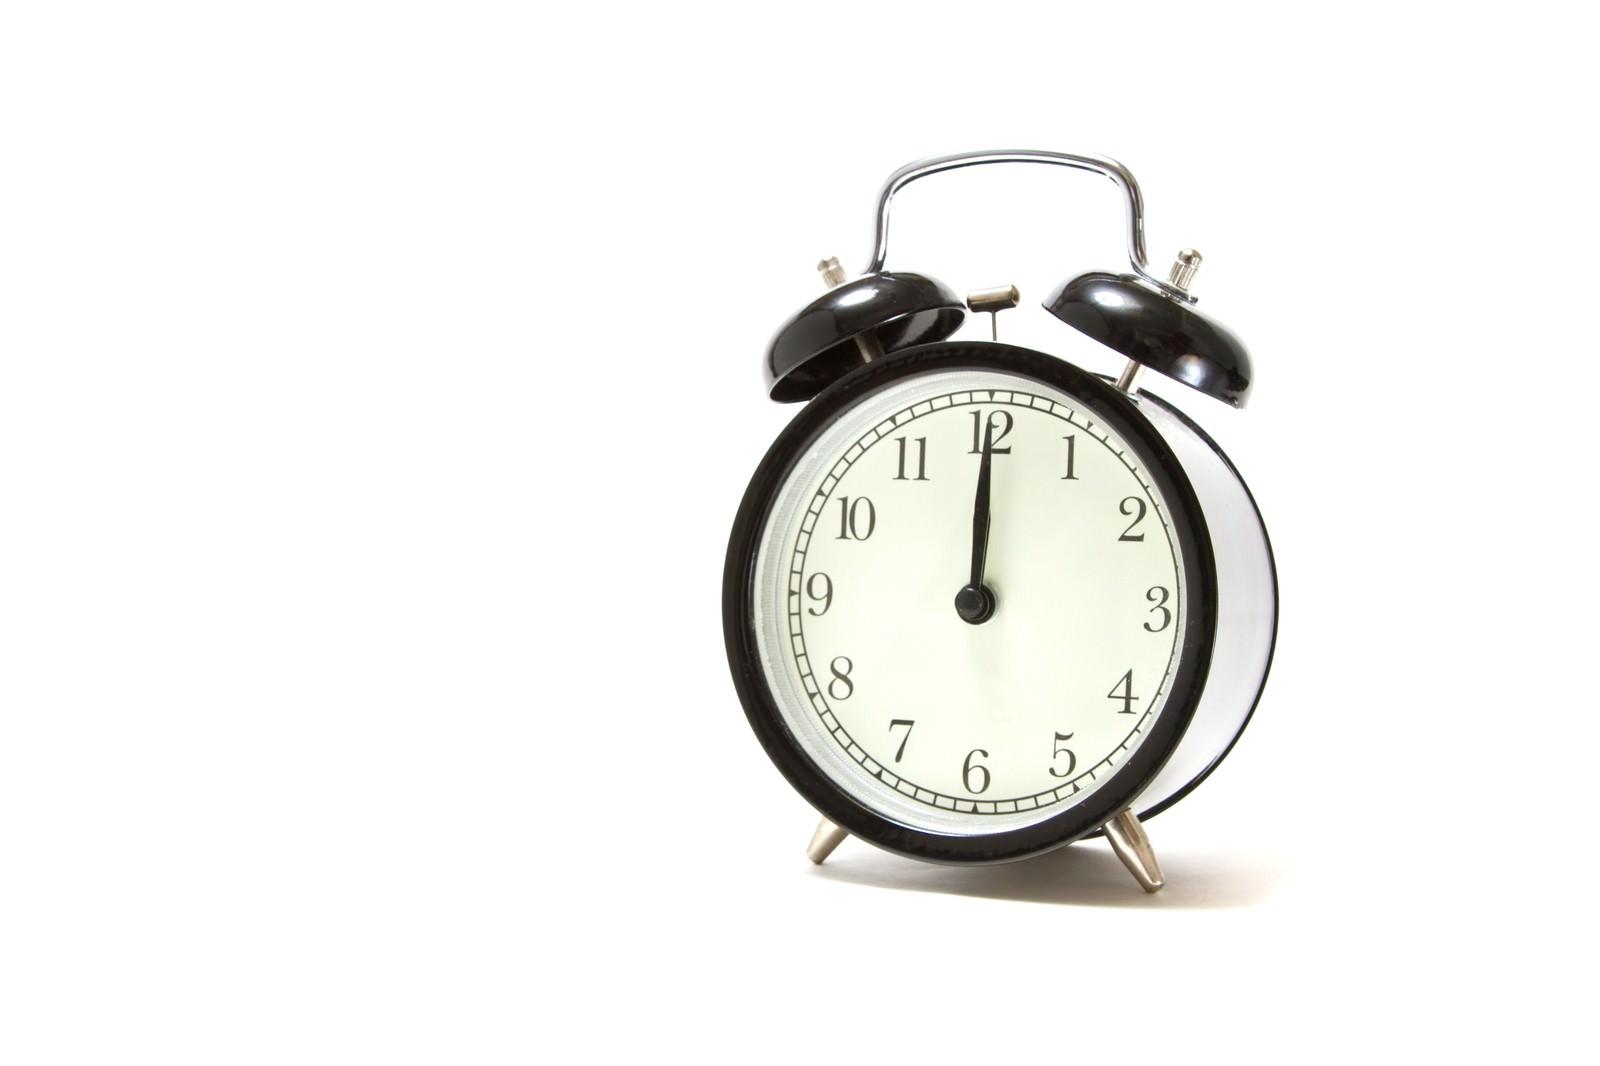 「お昼の時間を指す目覚まし時計」の写真